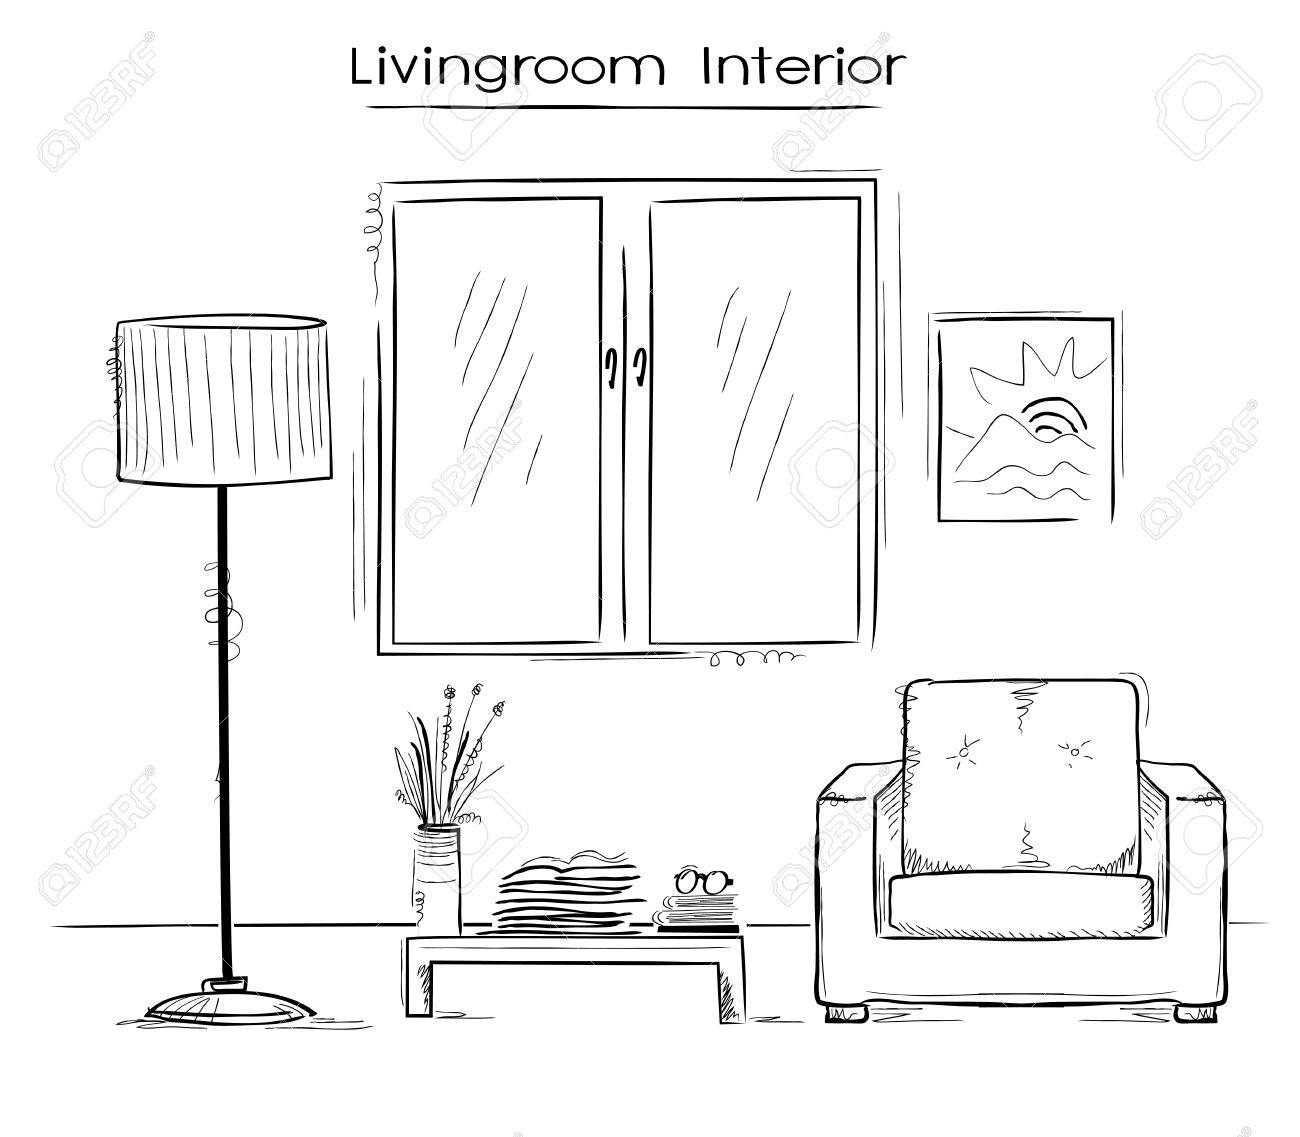 Sketchy Illustration Couleur De L Interieur De La Chambre Dessin Maison Moderne Main Clip Art Libres De Droits Vecteurs Et Illustration Image 57016248